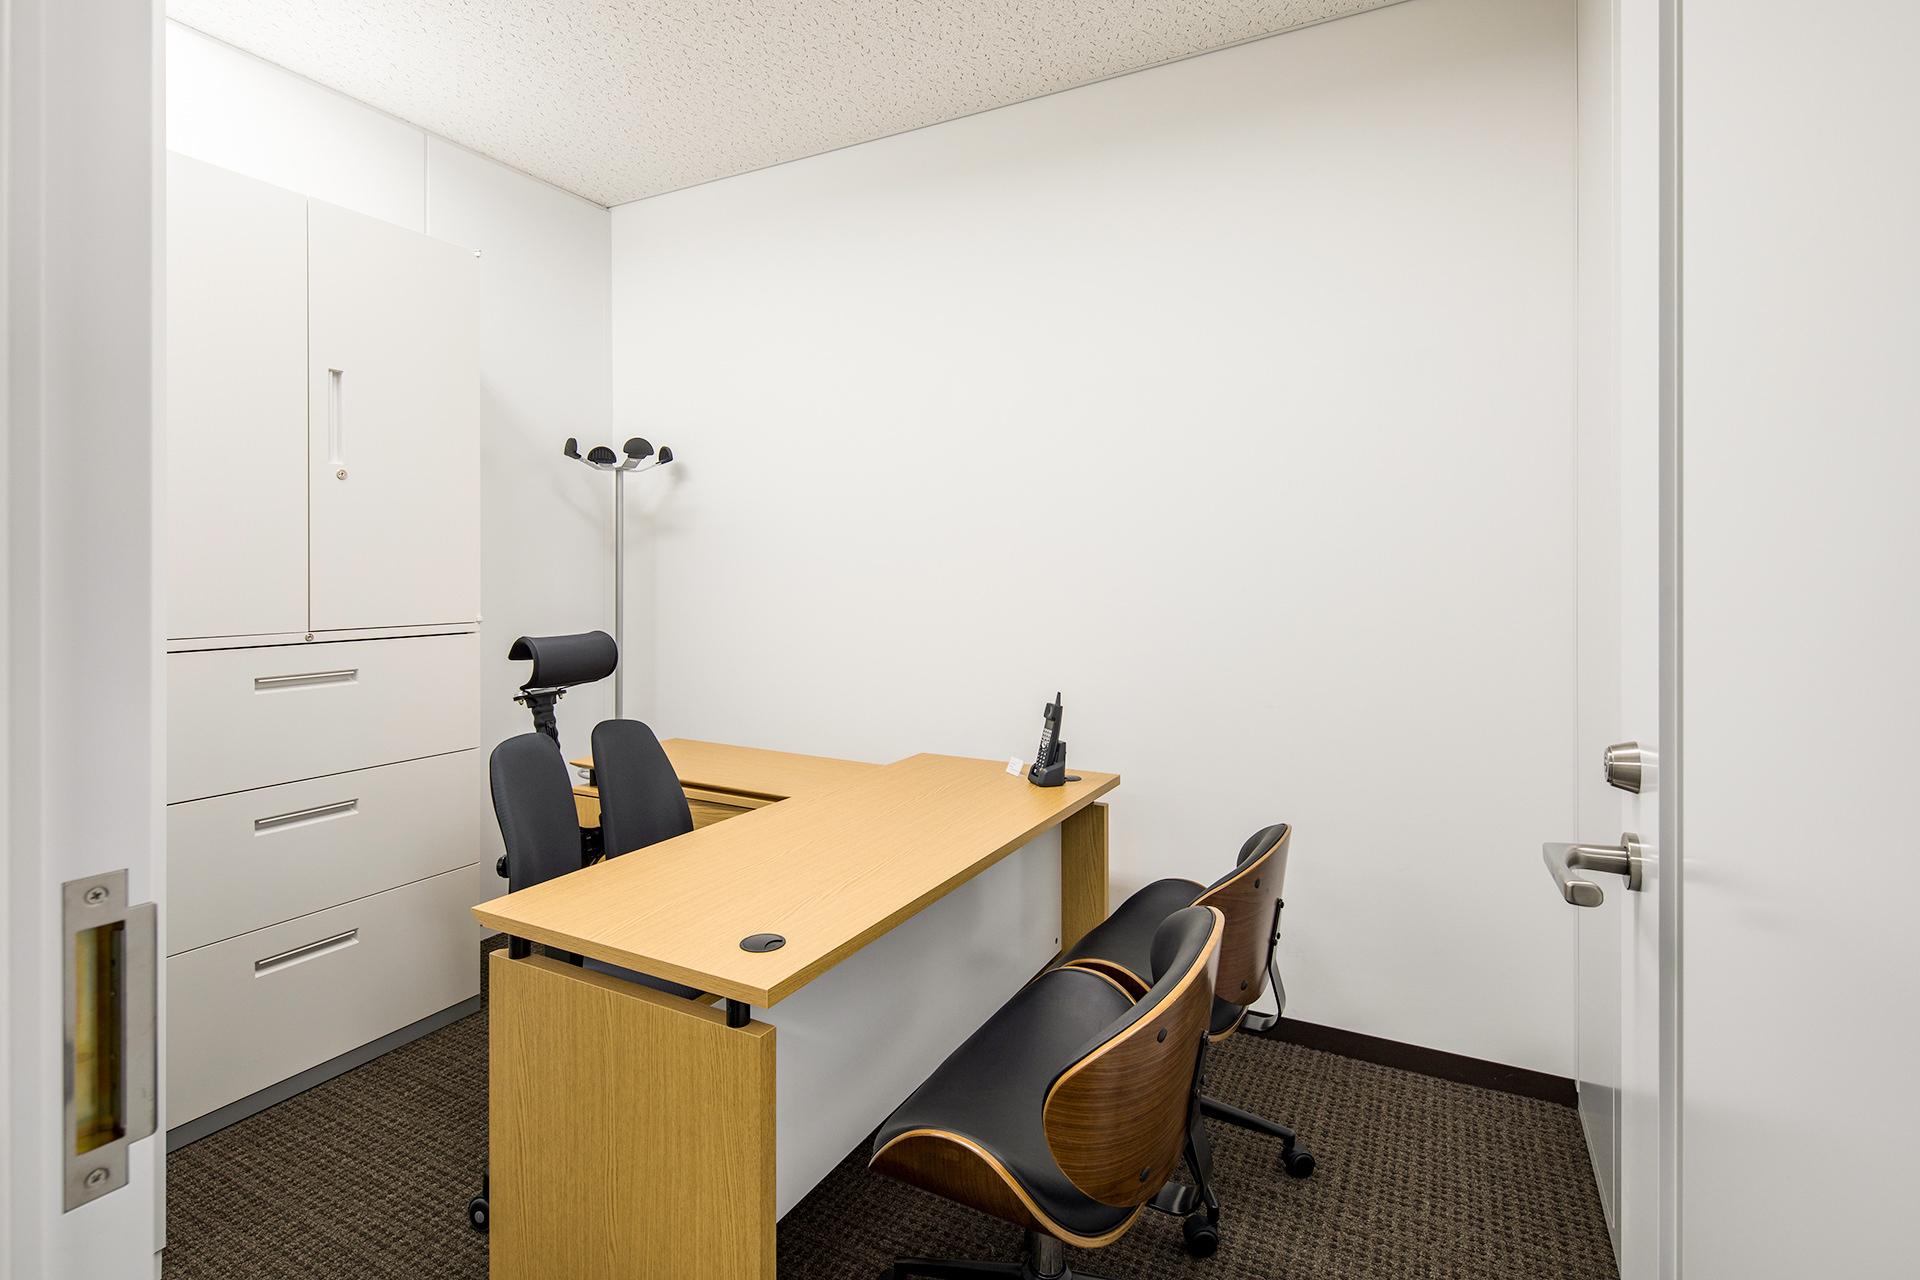 「日本バイオガスデベロップメント」オフィス竣工撮影の事例08